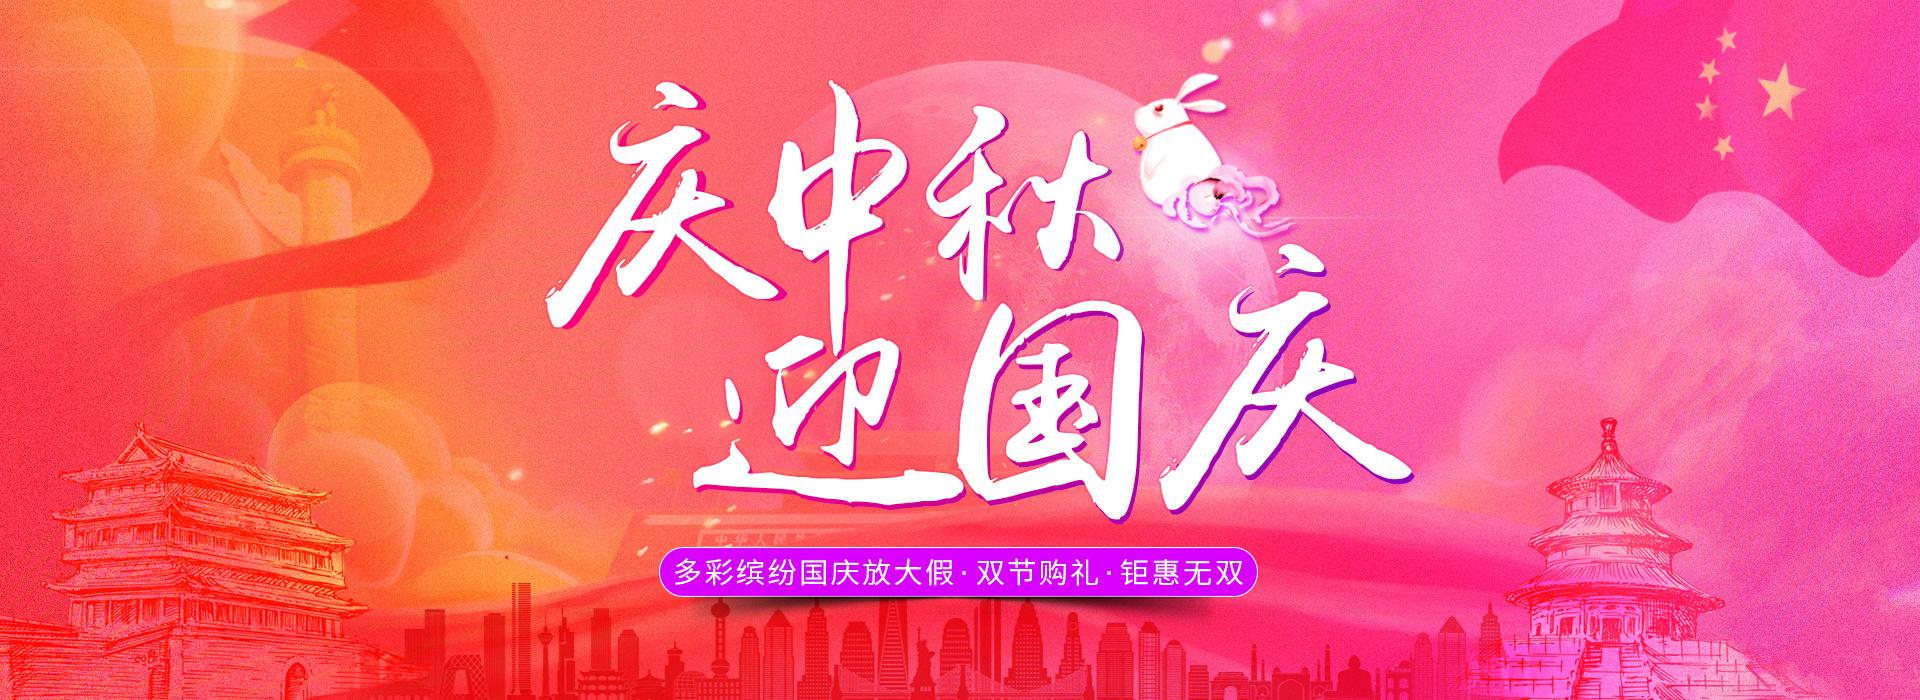 不等双11 庆中秋迎国庆海报 国庆海报